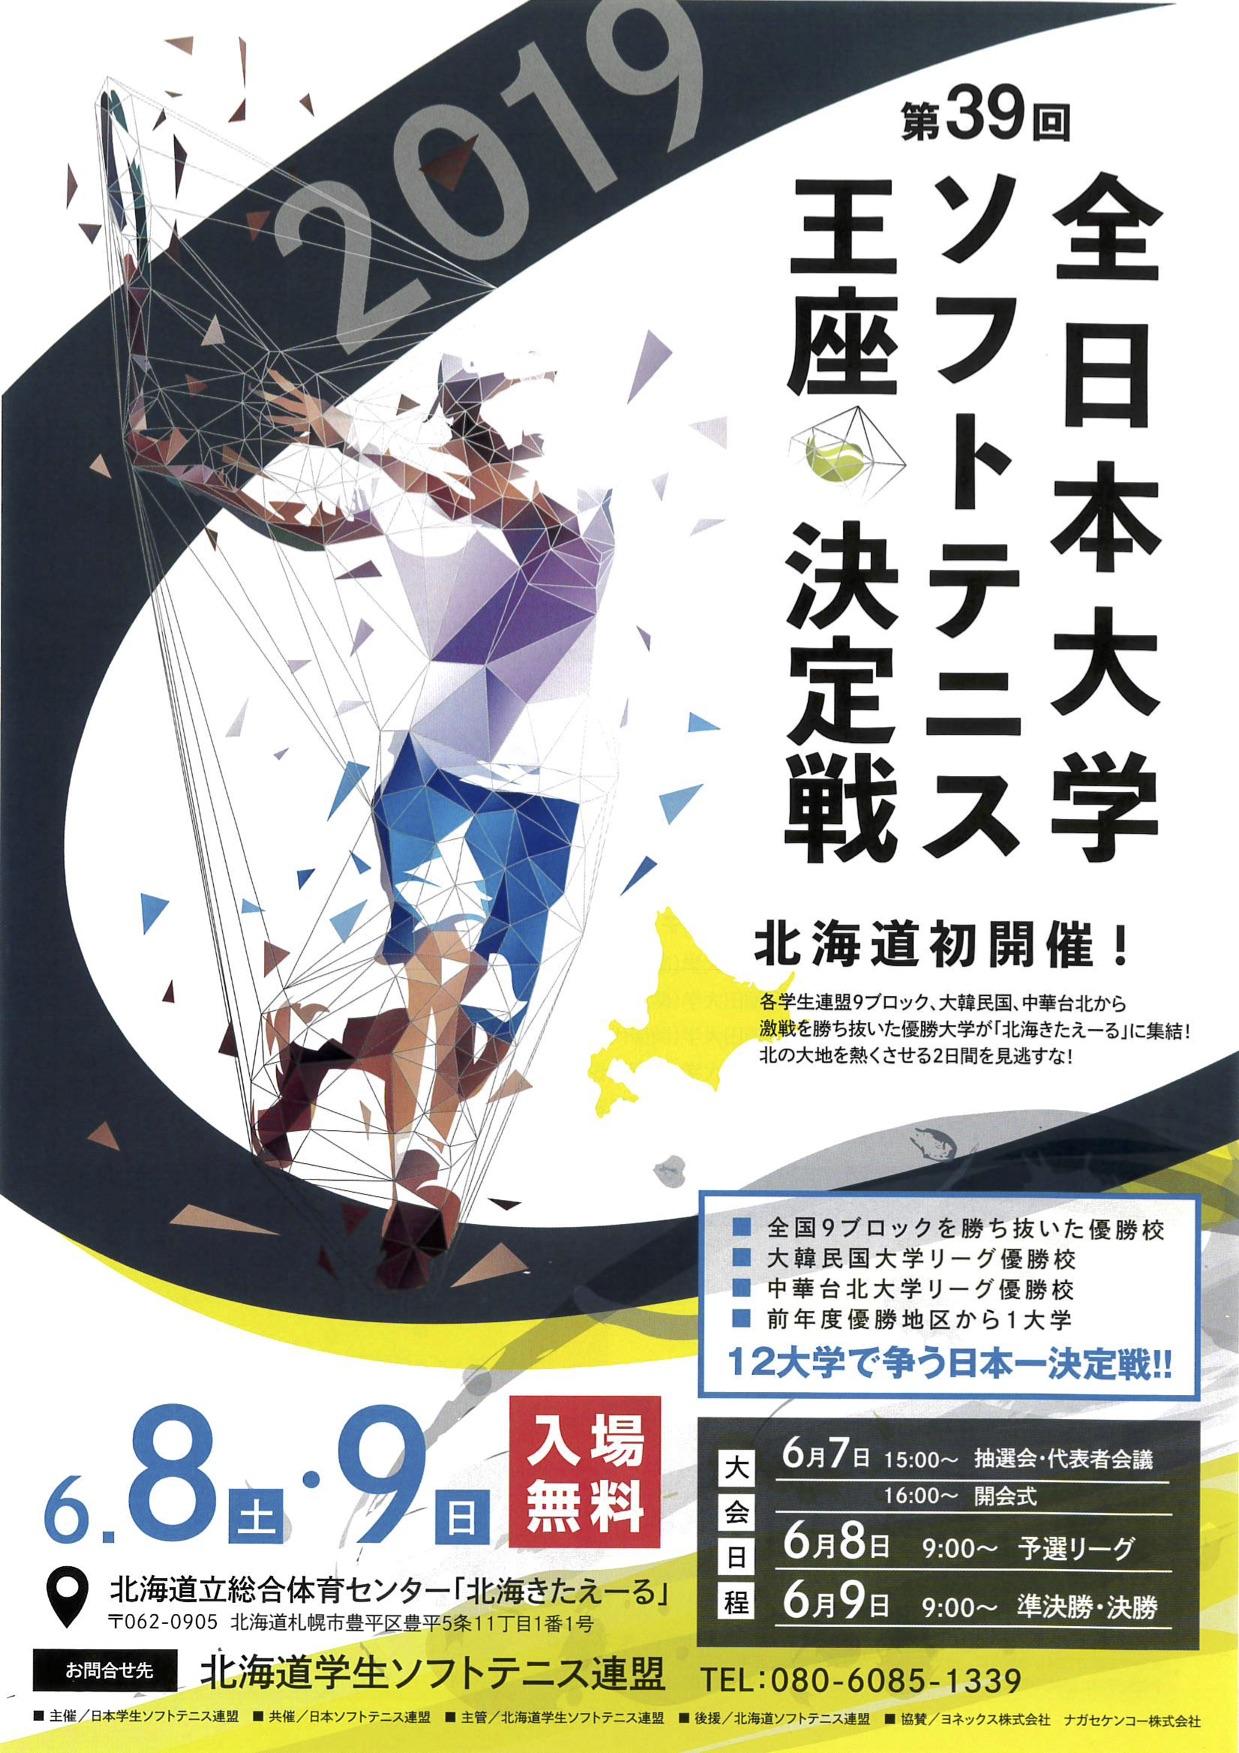 第39回全日本大学ソフトテニス王座決定戦 @ 北海きたえーる